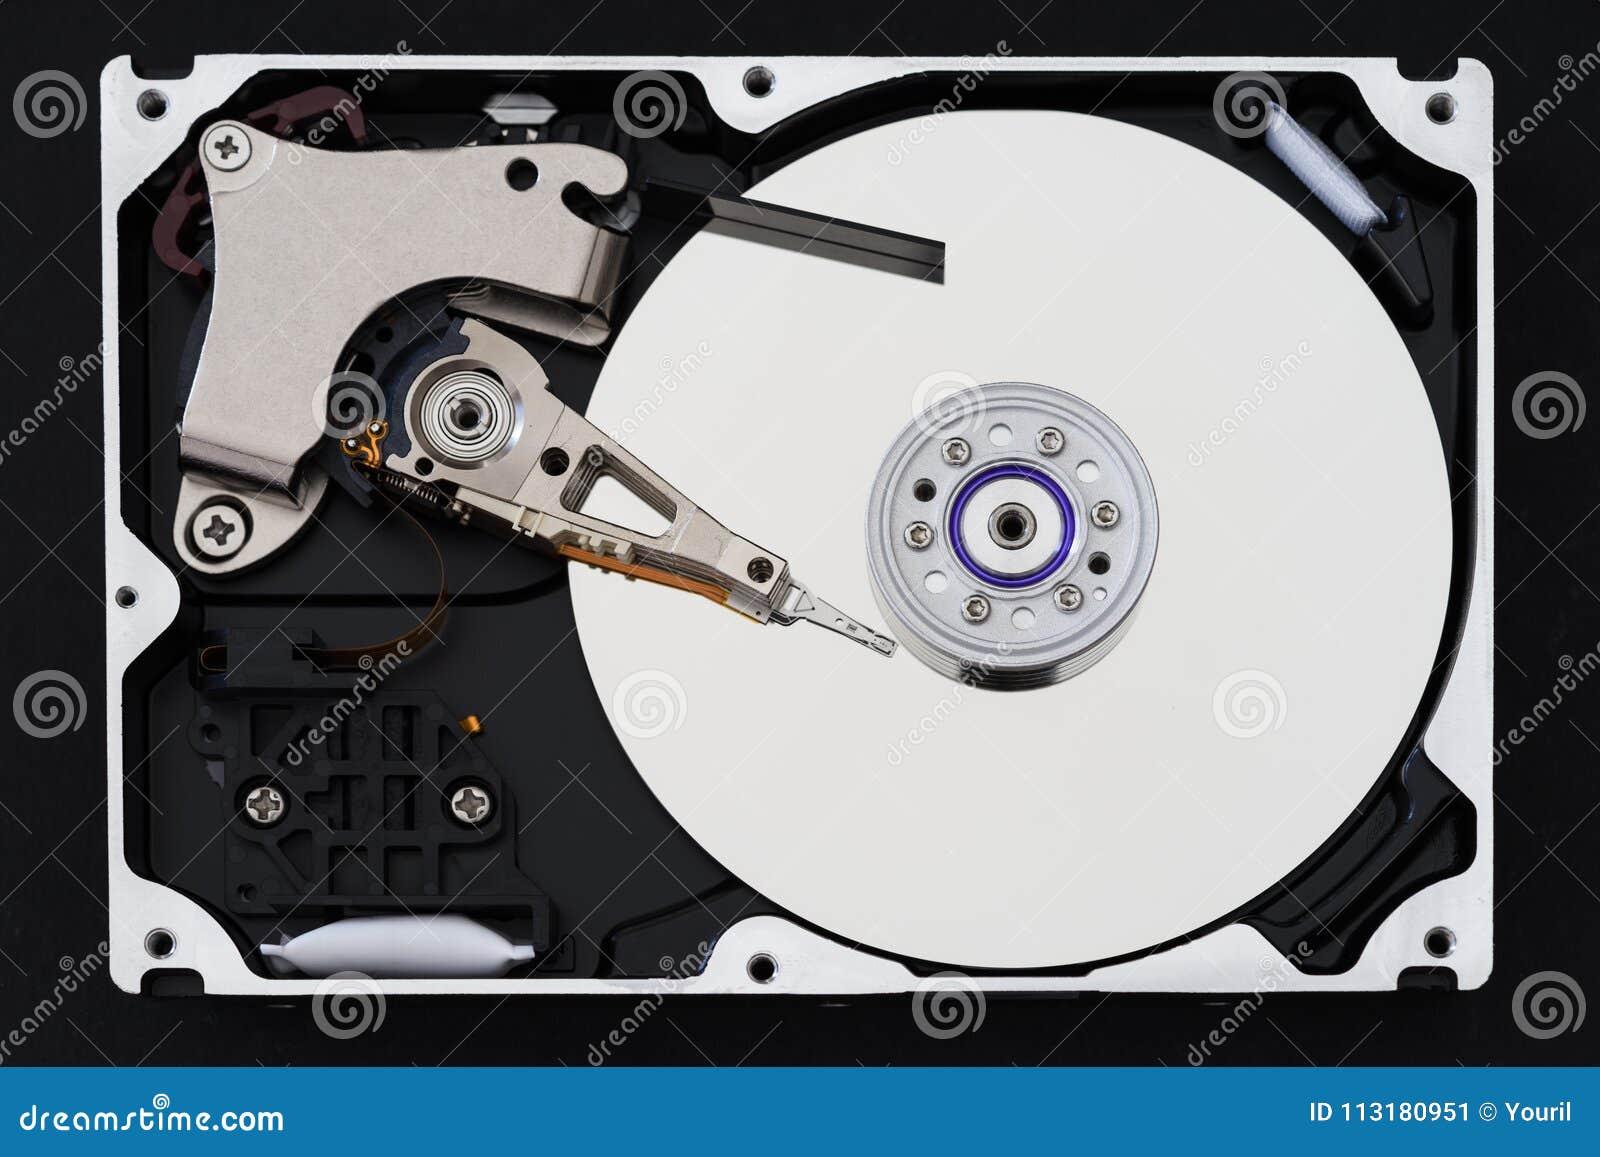 Movimentação de disco rígido com tampa removida, hdd dentro da vista lisa, eixo, braço de atuador, cabeça de leitura/gravação, ba